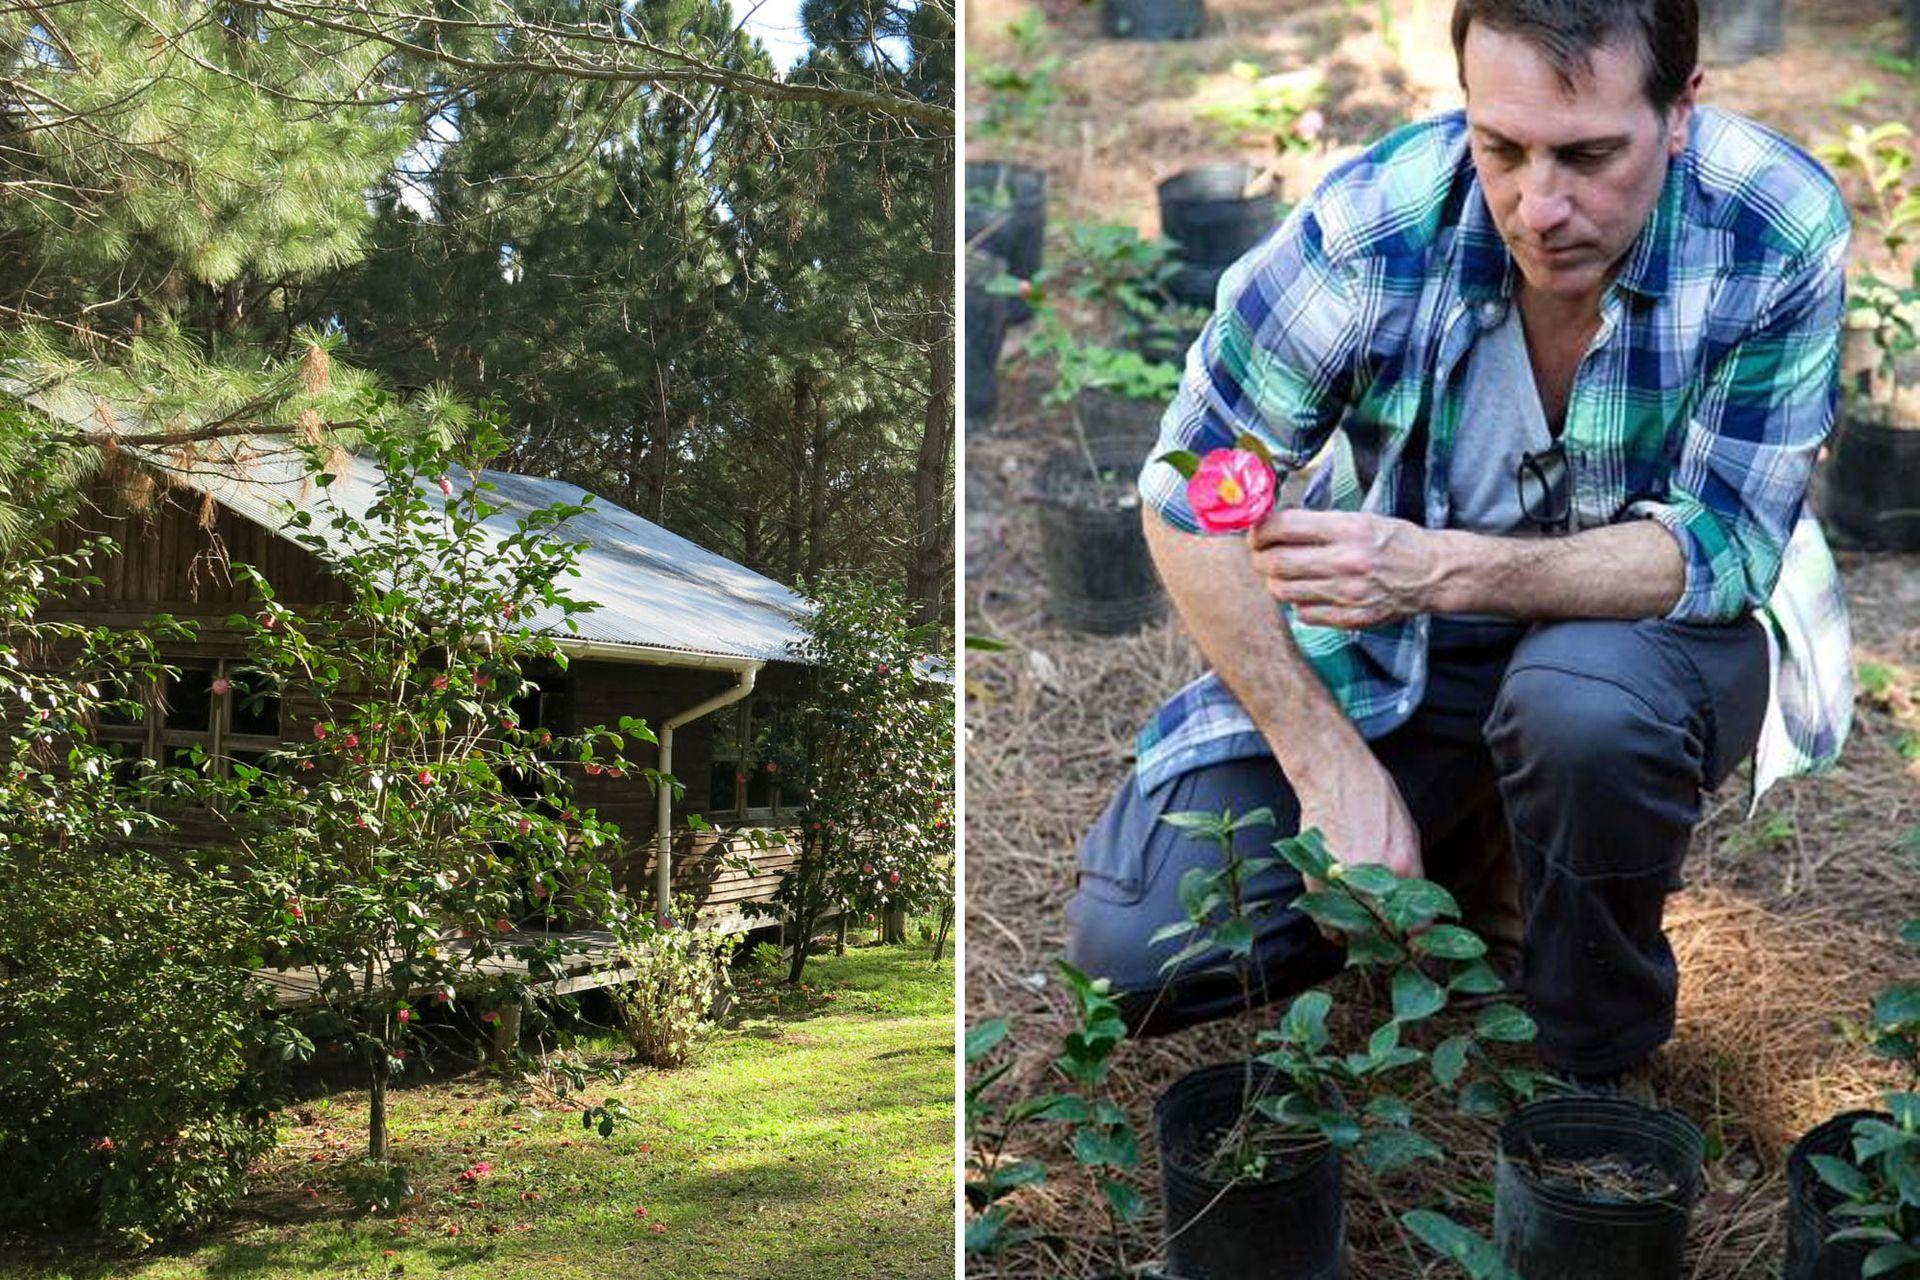 En la Isla de las Camelias, Hernán Marquez cultiva distintas variedades de esta planta y recibe a turistas y fanáticos que quieren verlas en plena floración. Su cuenta de Instagram es @isladelascamelias.